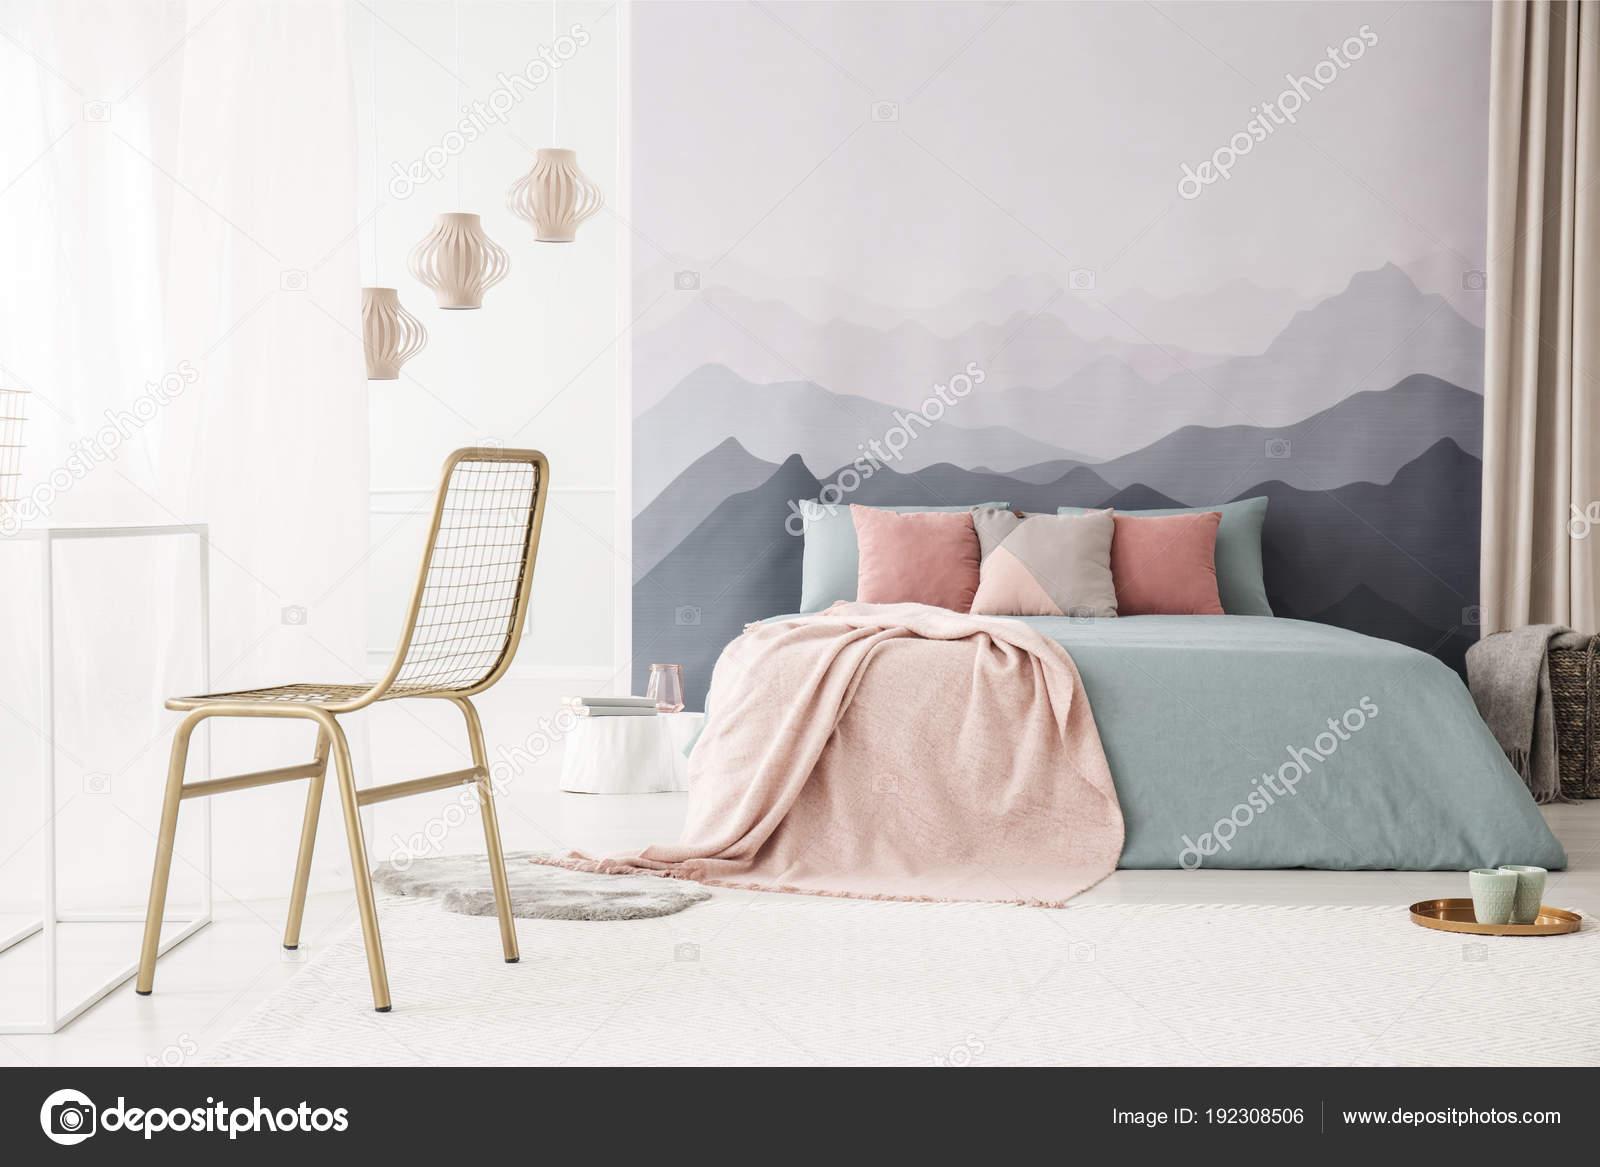 Gold, Metall Stuhl In Einem Weichen, Hellen Schlafzimmer Interieur Mit  Einem Berge Tapete, Pastell Rosa Und Blaue Bettwäsche Und Kissen U2014 Foto Von  ...